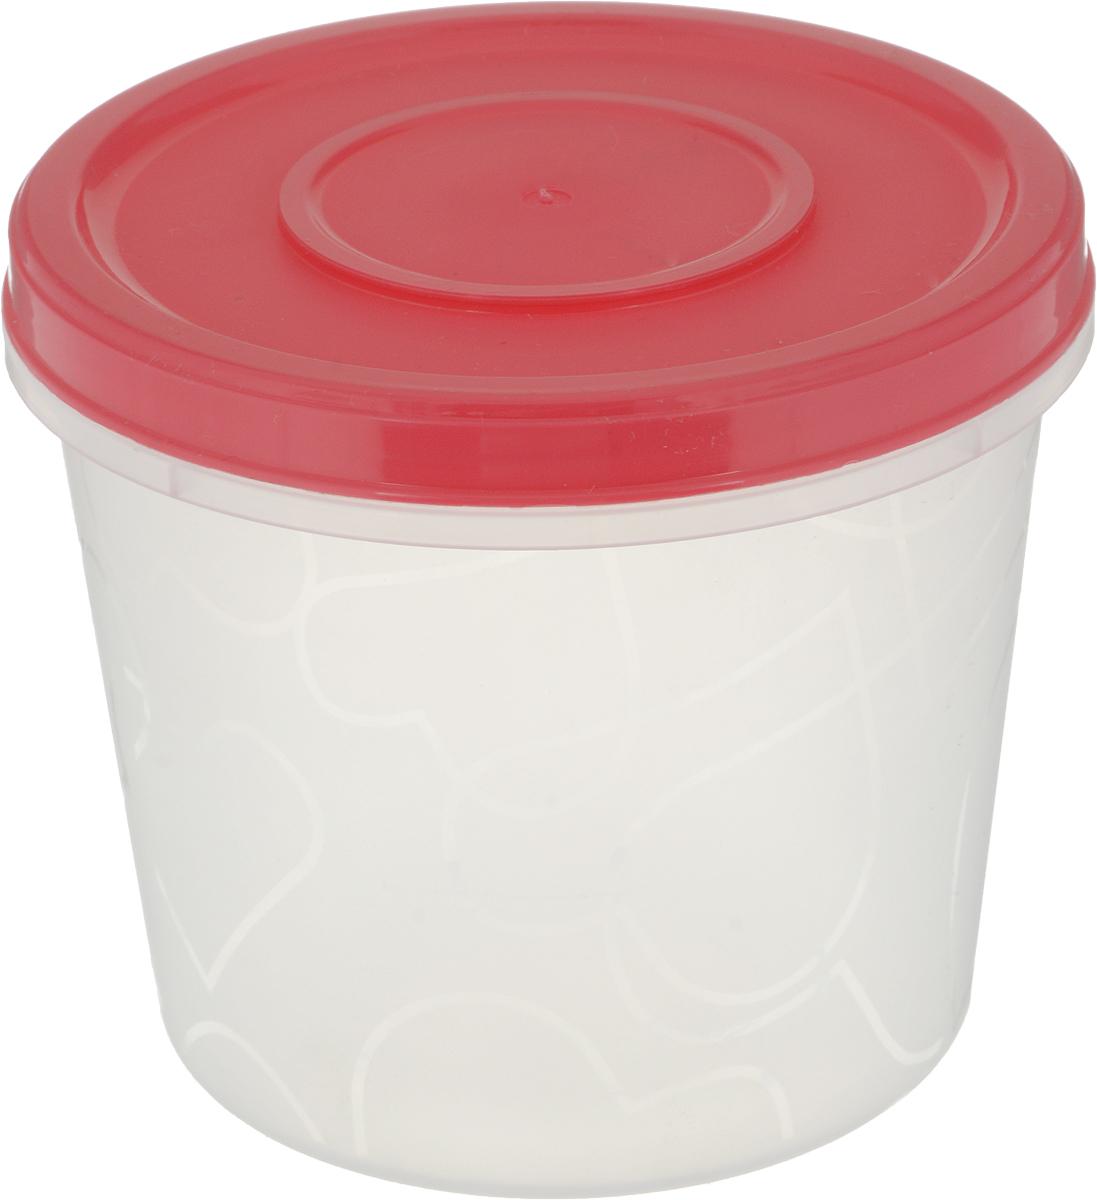 Емкость для продуктов Giaretti, с завинчивающейся крышкой, цвет: коралловый, 700 млGR1888_коралловыйЕмкость для продуктов Giaretti, с завинчивающейся крышкой, цвет: коралловый, 700 мл